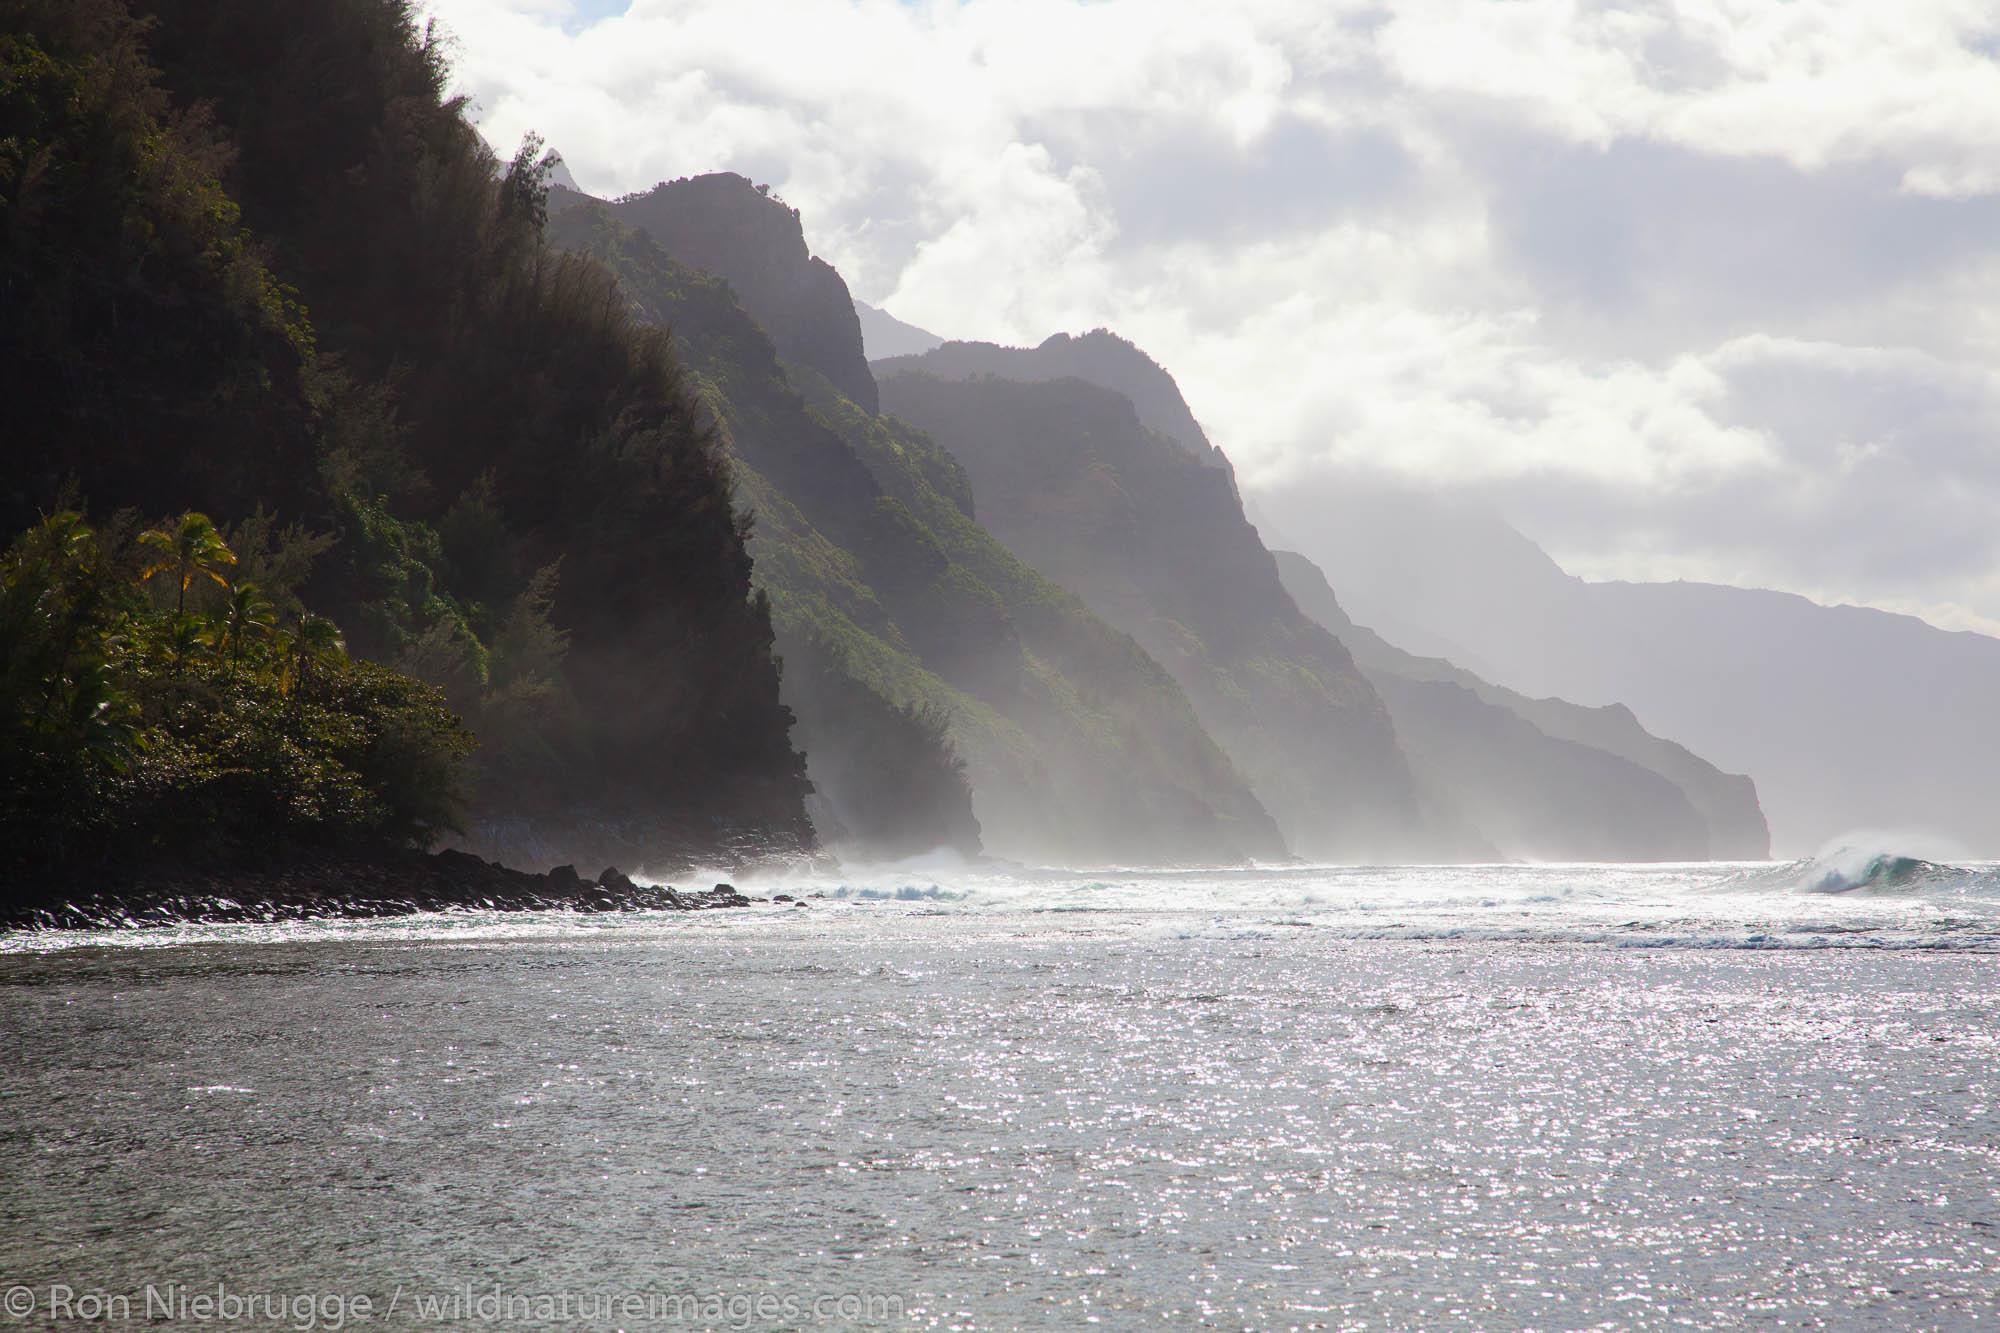 Na Pali Coast from Ke'e Beach, Kauai, Hawaii.